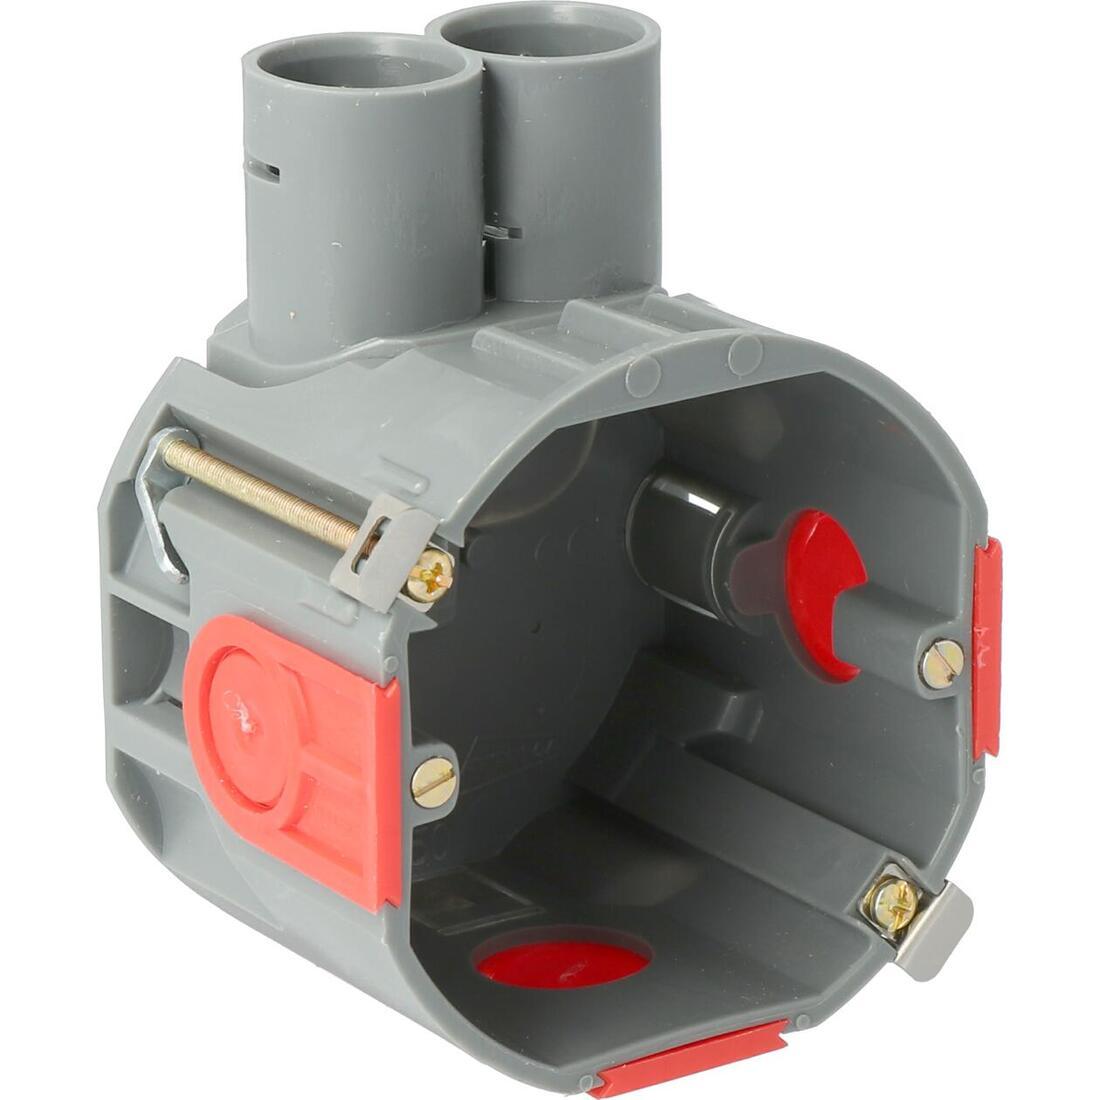 ATTEMA hollewand inbouwdoos UHW50 Ø16/19mm  (AT1081)